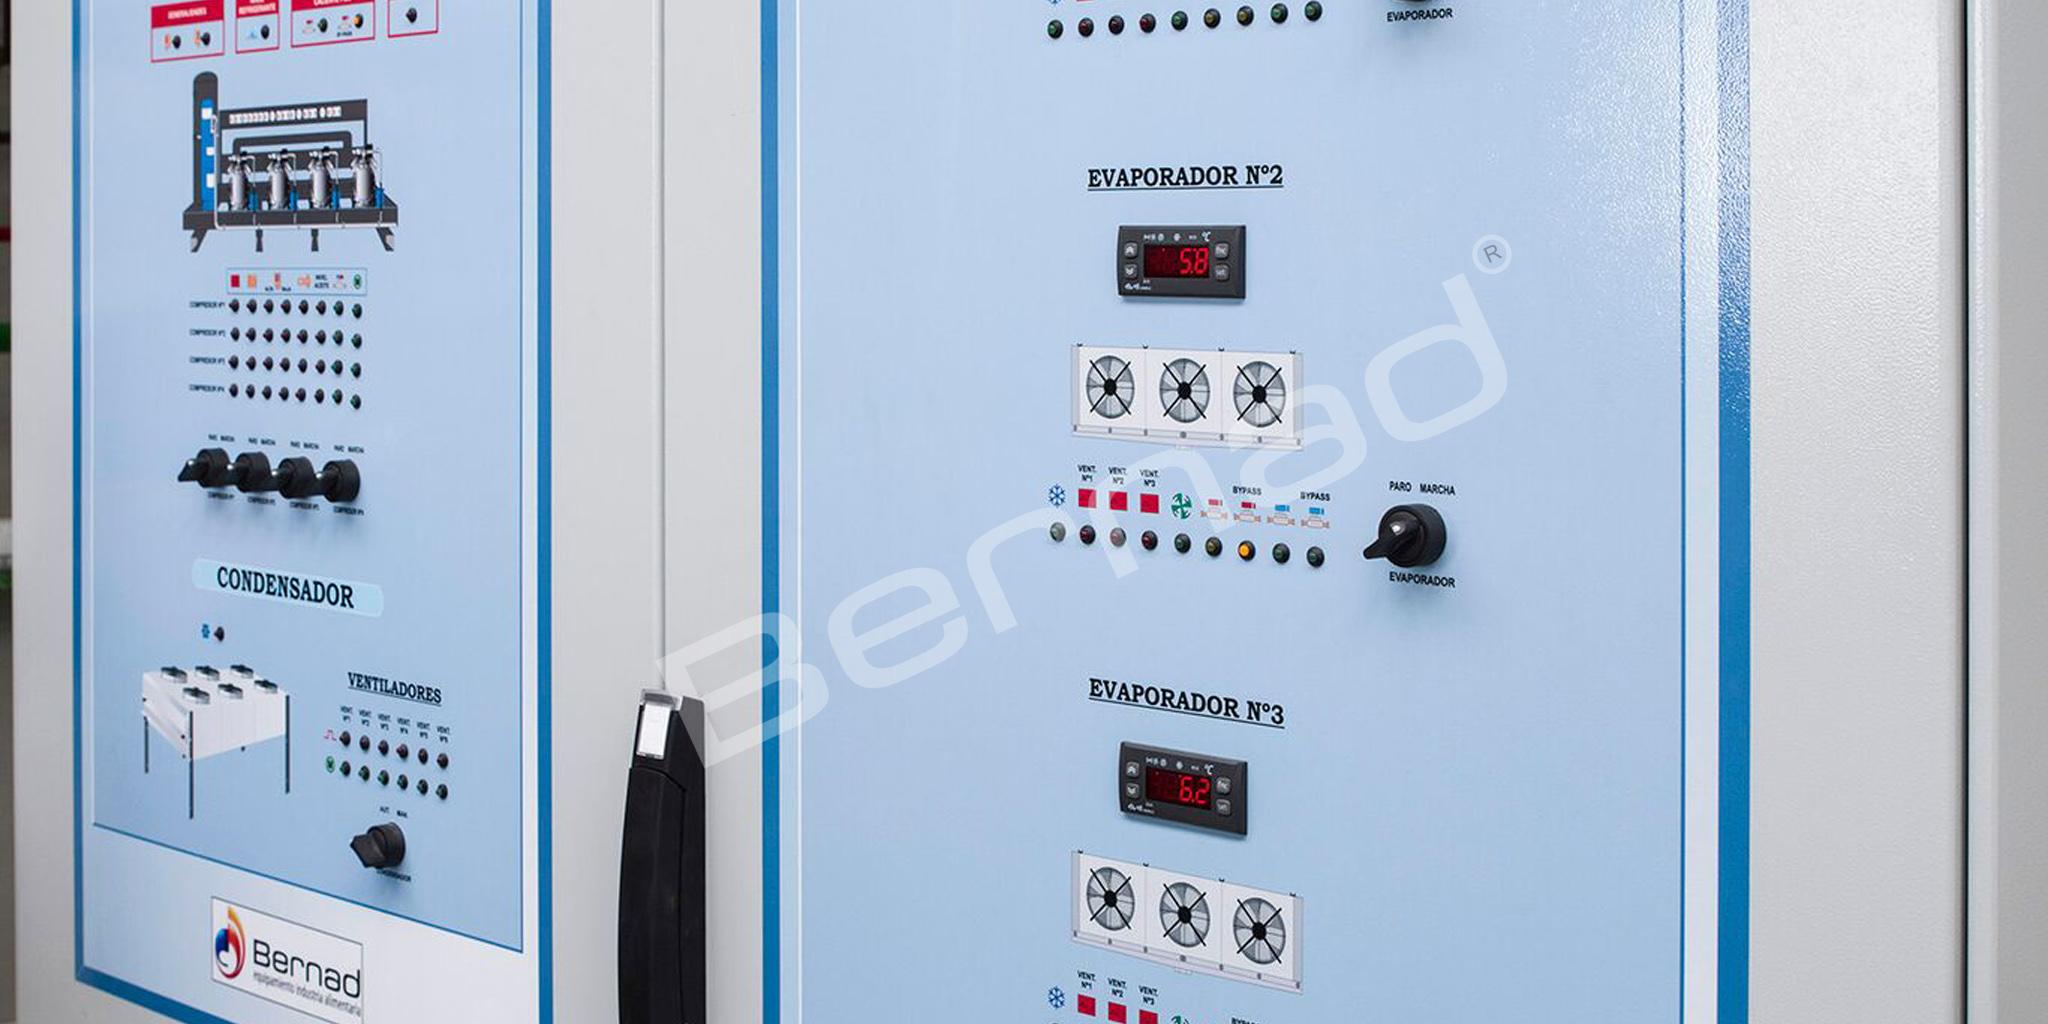 Cámara de congelación Bernad con evaporador